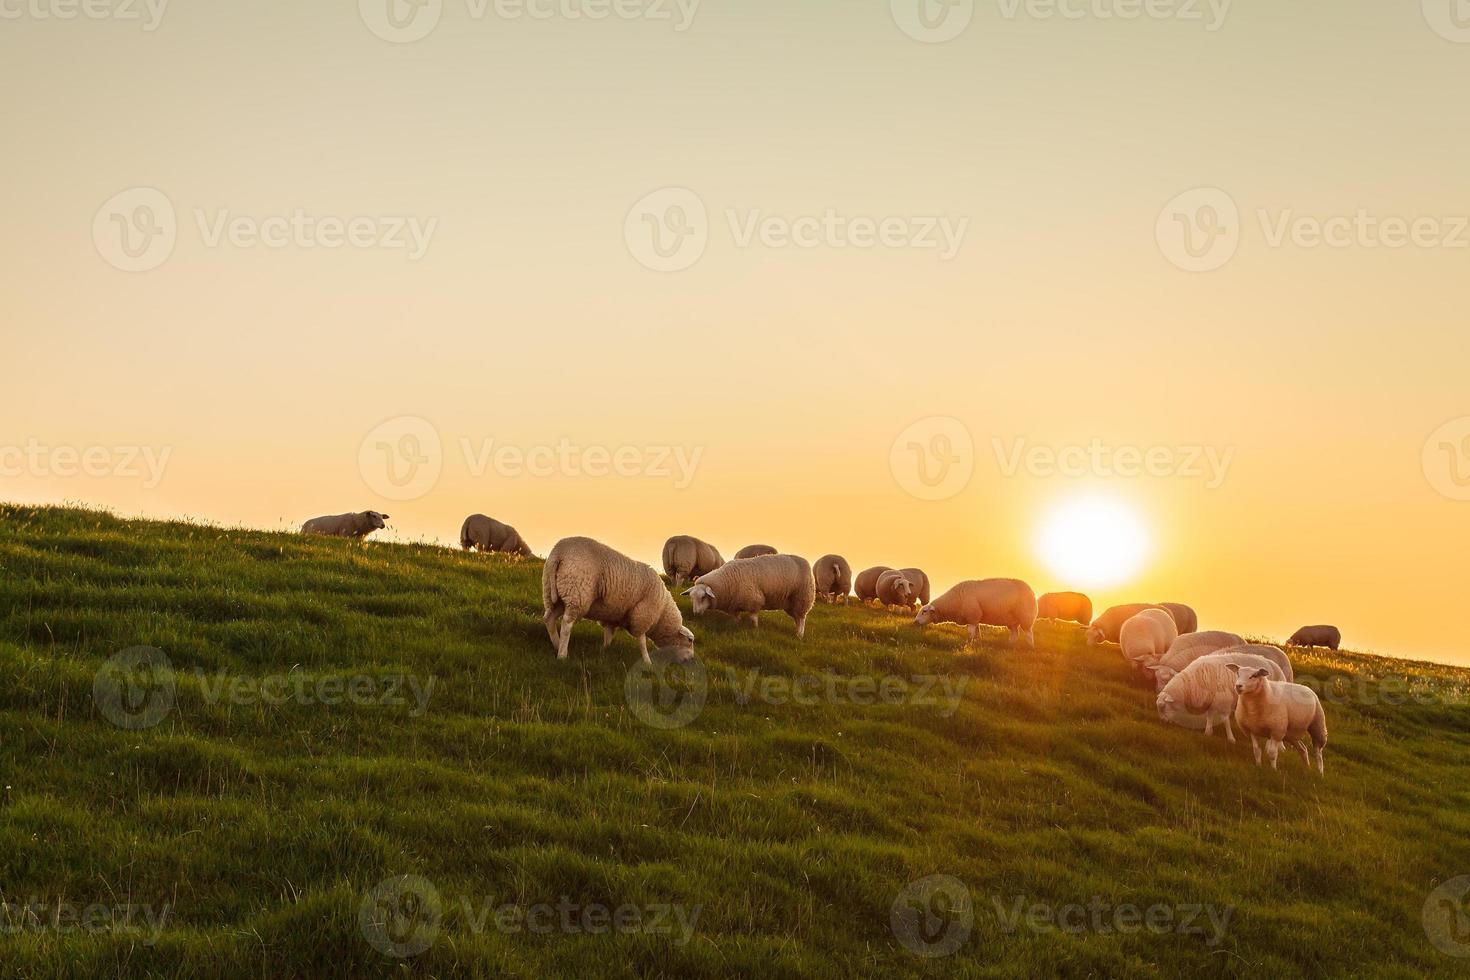 fårbesättning på en holländsk vall under solnedgången foto